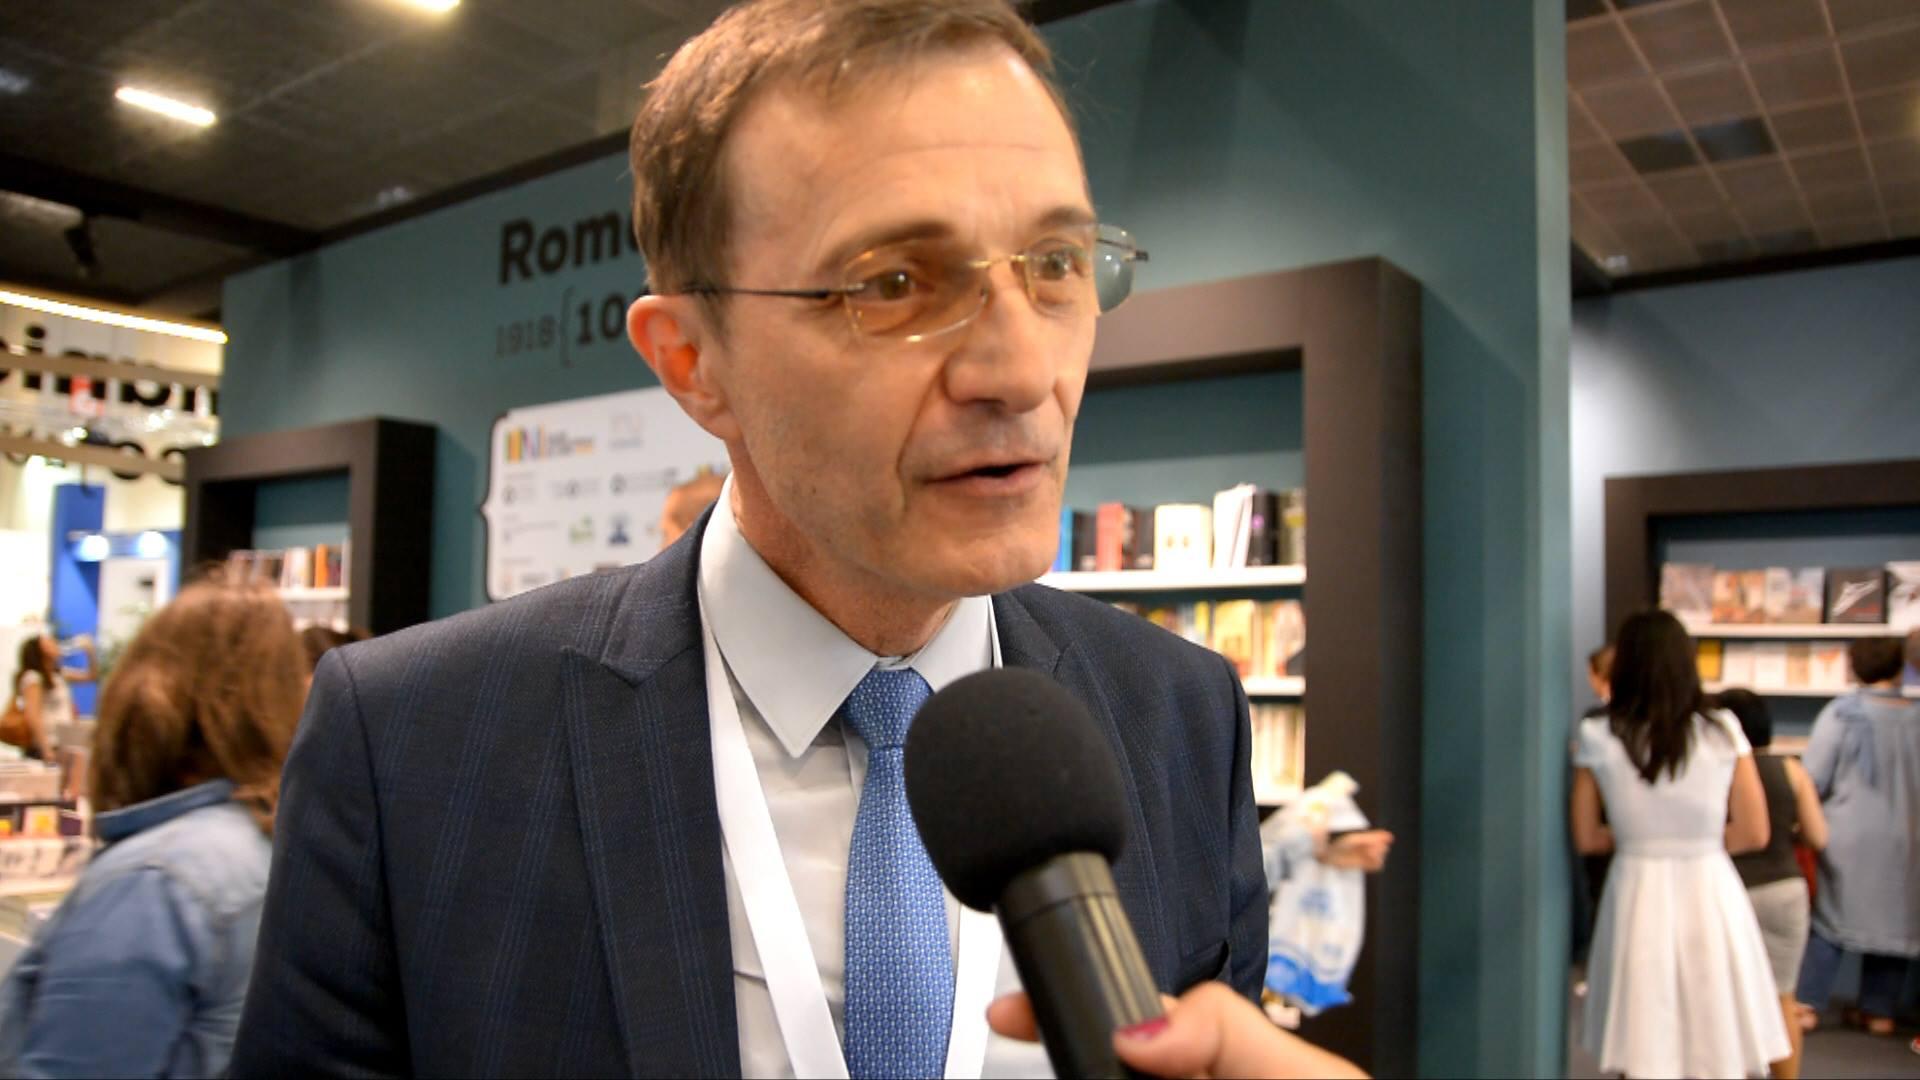 Ioan Aurel Pop - Torino